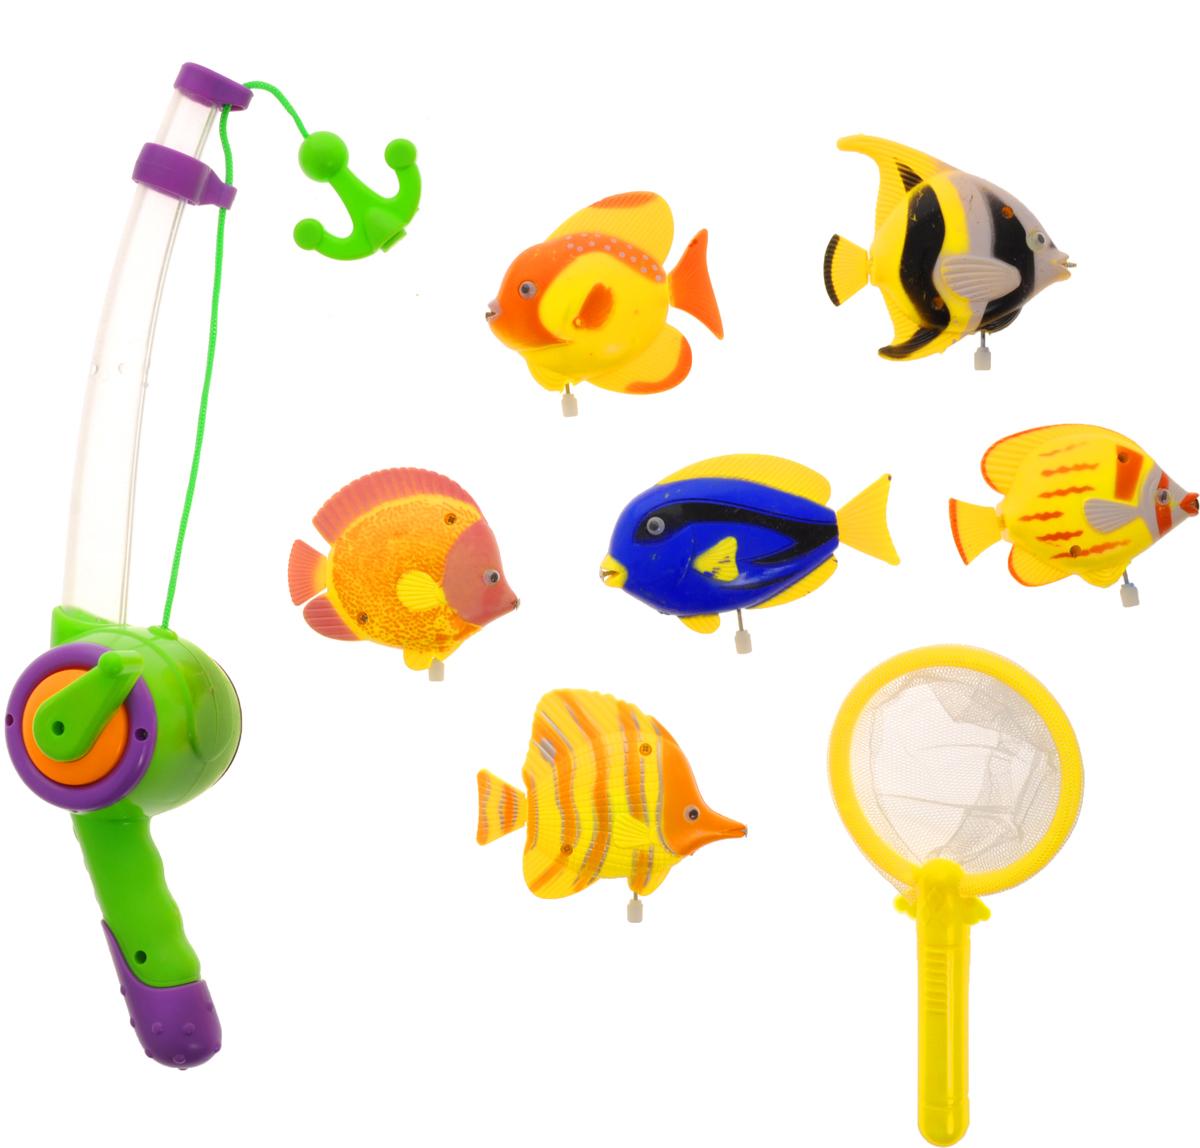 Играем вместе Игрушка для ванной Рыбалка Маша и Медведь цвет удочки салатовый фиолетовыйB803208-R2Игрушка для ванной Играем вместе Рыбалка. Маша и Медведь - вот это настоящая забава половить рыбку вместе с любимыми героями! Теперь процесс купания станет для ребенка еще интереснее: ведь он с Машей и Медведем из полюбившегося всем мультфильма едет на рыбалку. Используя специальную удочку с веревкой, на конце которой располагается крючок, необходимо поймать больше и быстрее всех ярких представителей подводной жизни. Удочка светится и проигрывает песенку Маши. Для того чтобы удочка начала светиться и звучать, необходимо нажать на фиолетовую кнопку. Игра отлично подходит для развития мелкой моторики. Для работы игрушки необходимы 3 батарейки напряжением 1,5 V типа AG13 (входят в комплект).